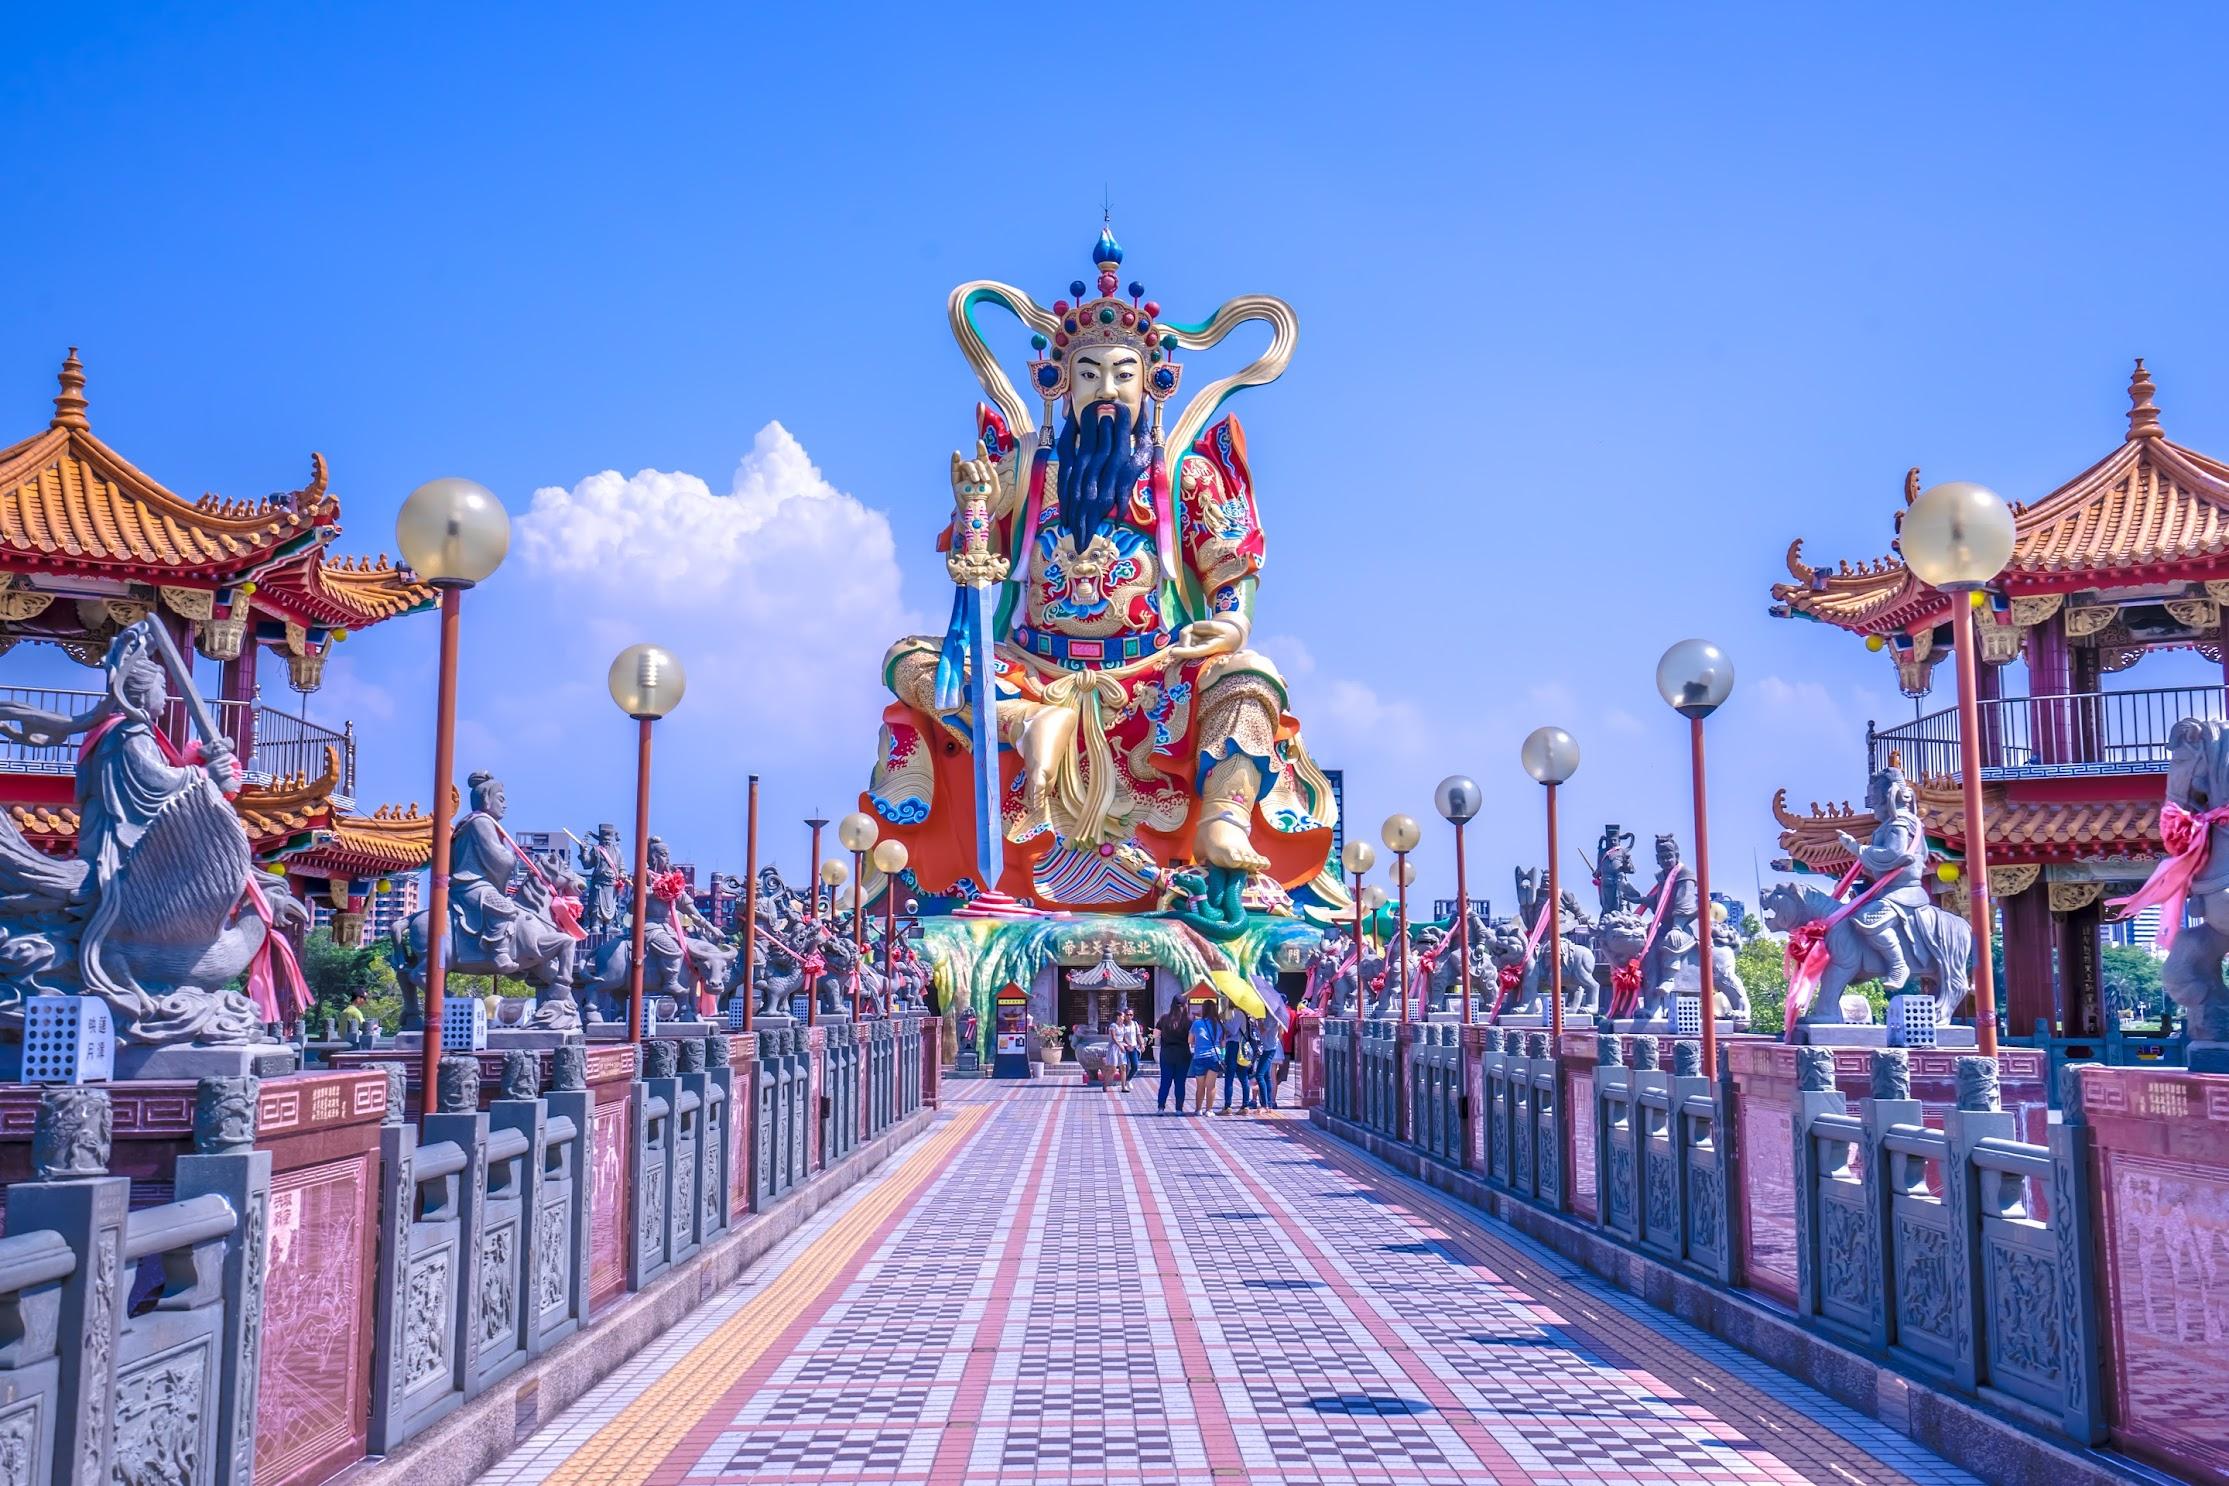 Kaohsiung Lotus Pond Statue of Taoist God Xuan-Tian-Shang-Di1